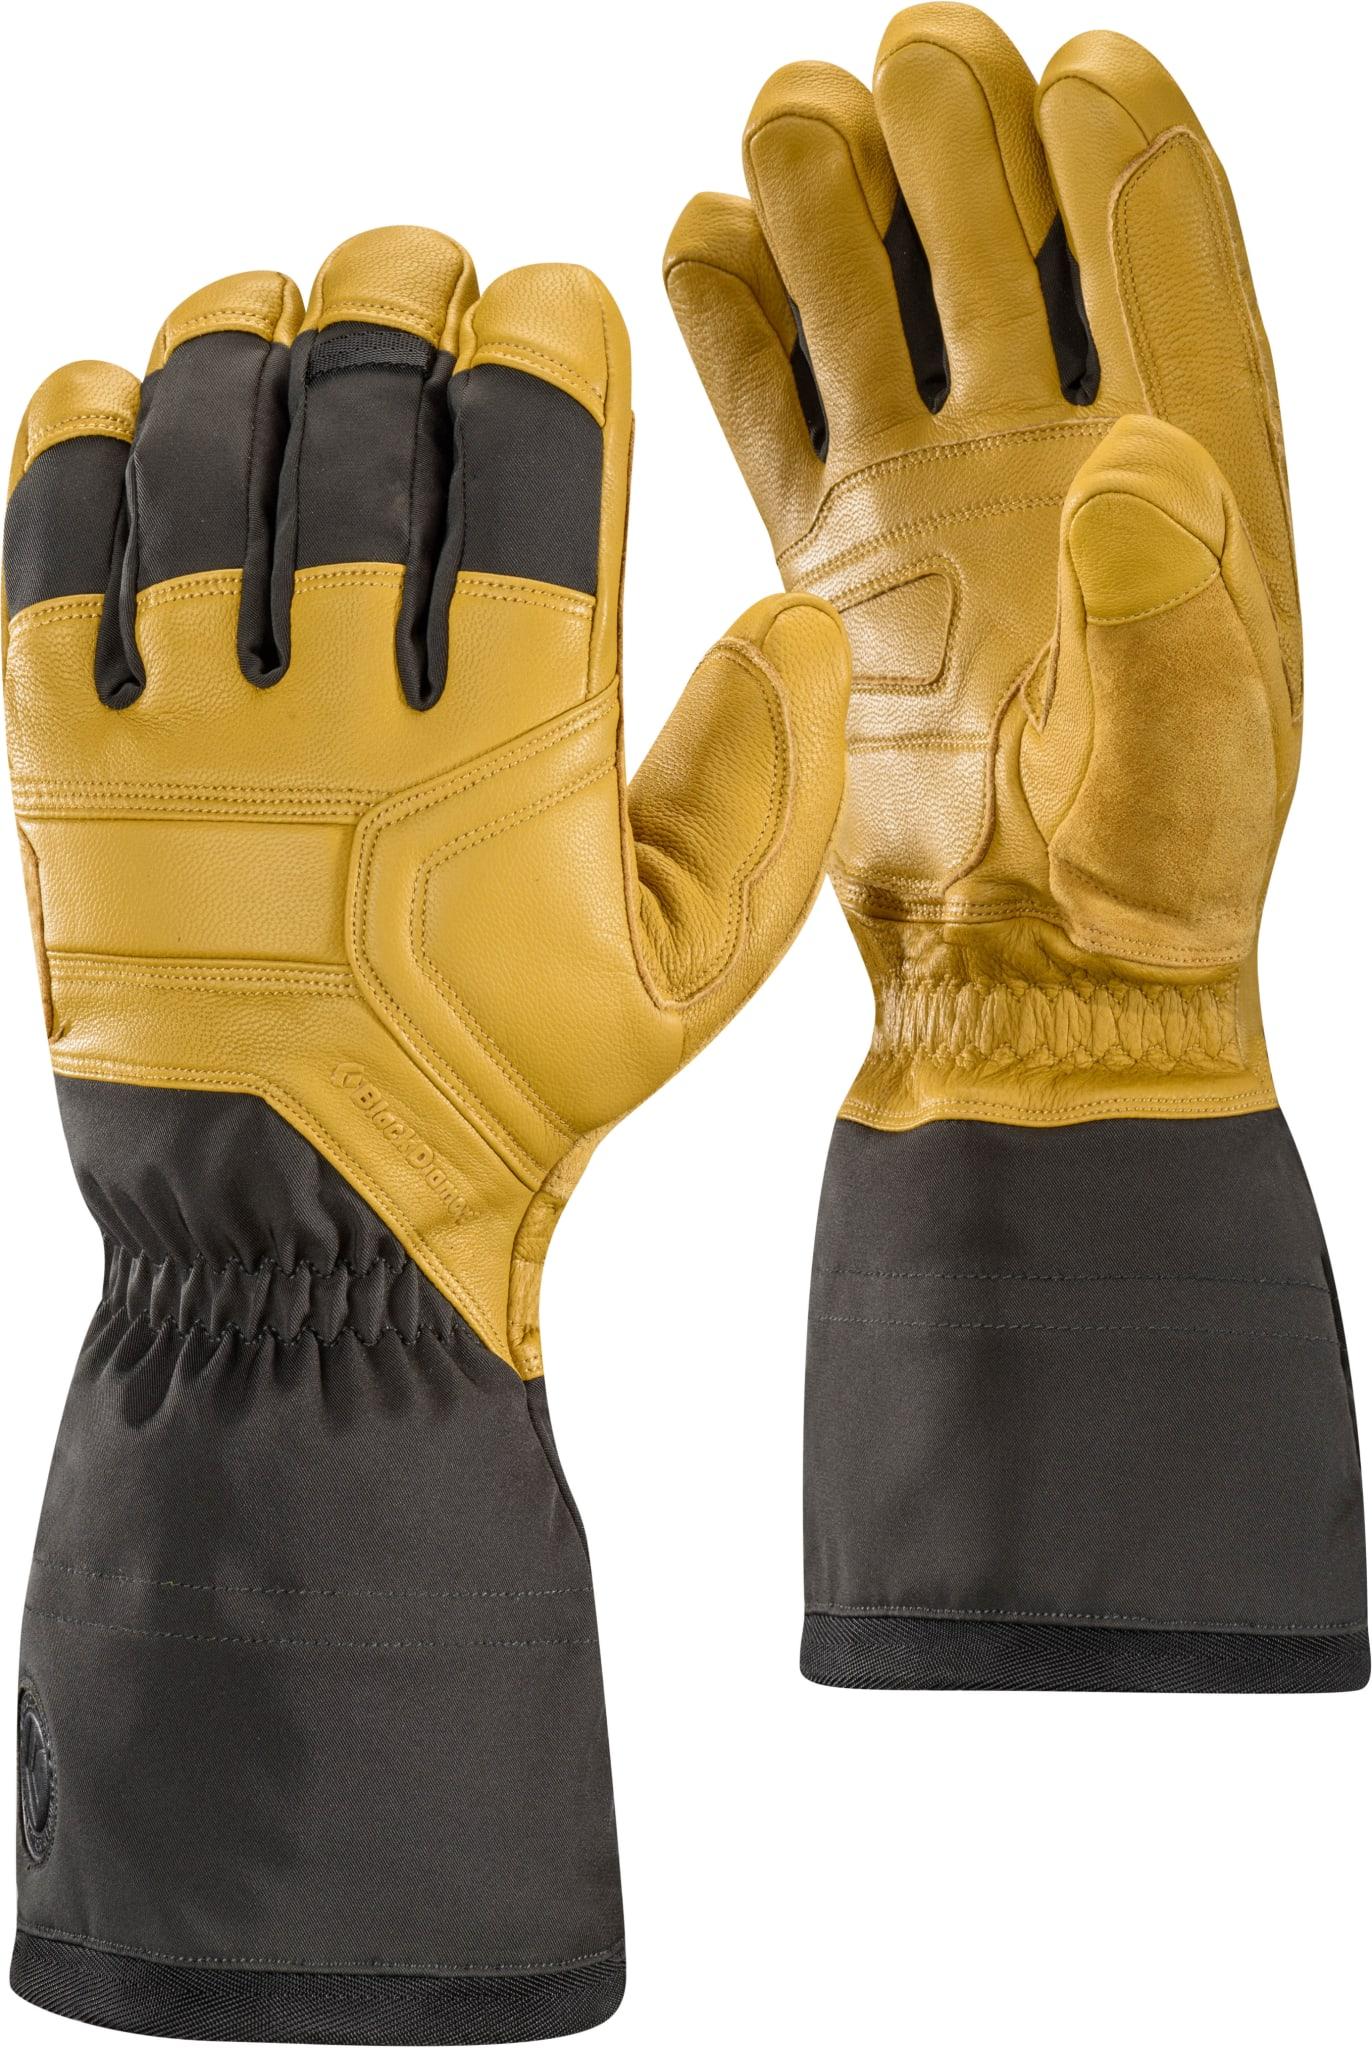 Den varmeste hansken fra Black Diamond!